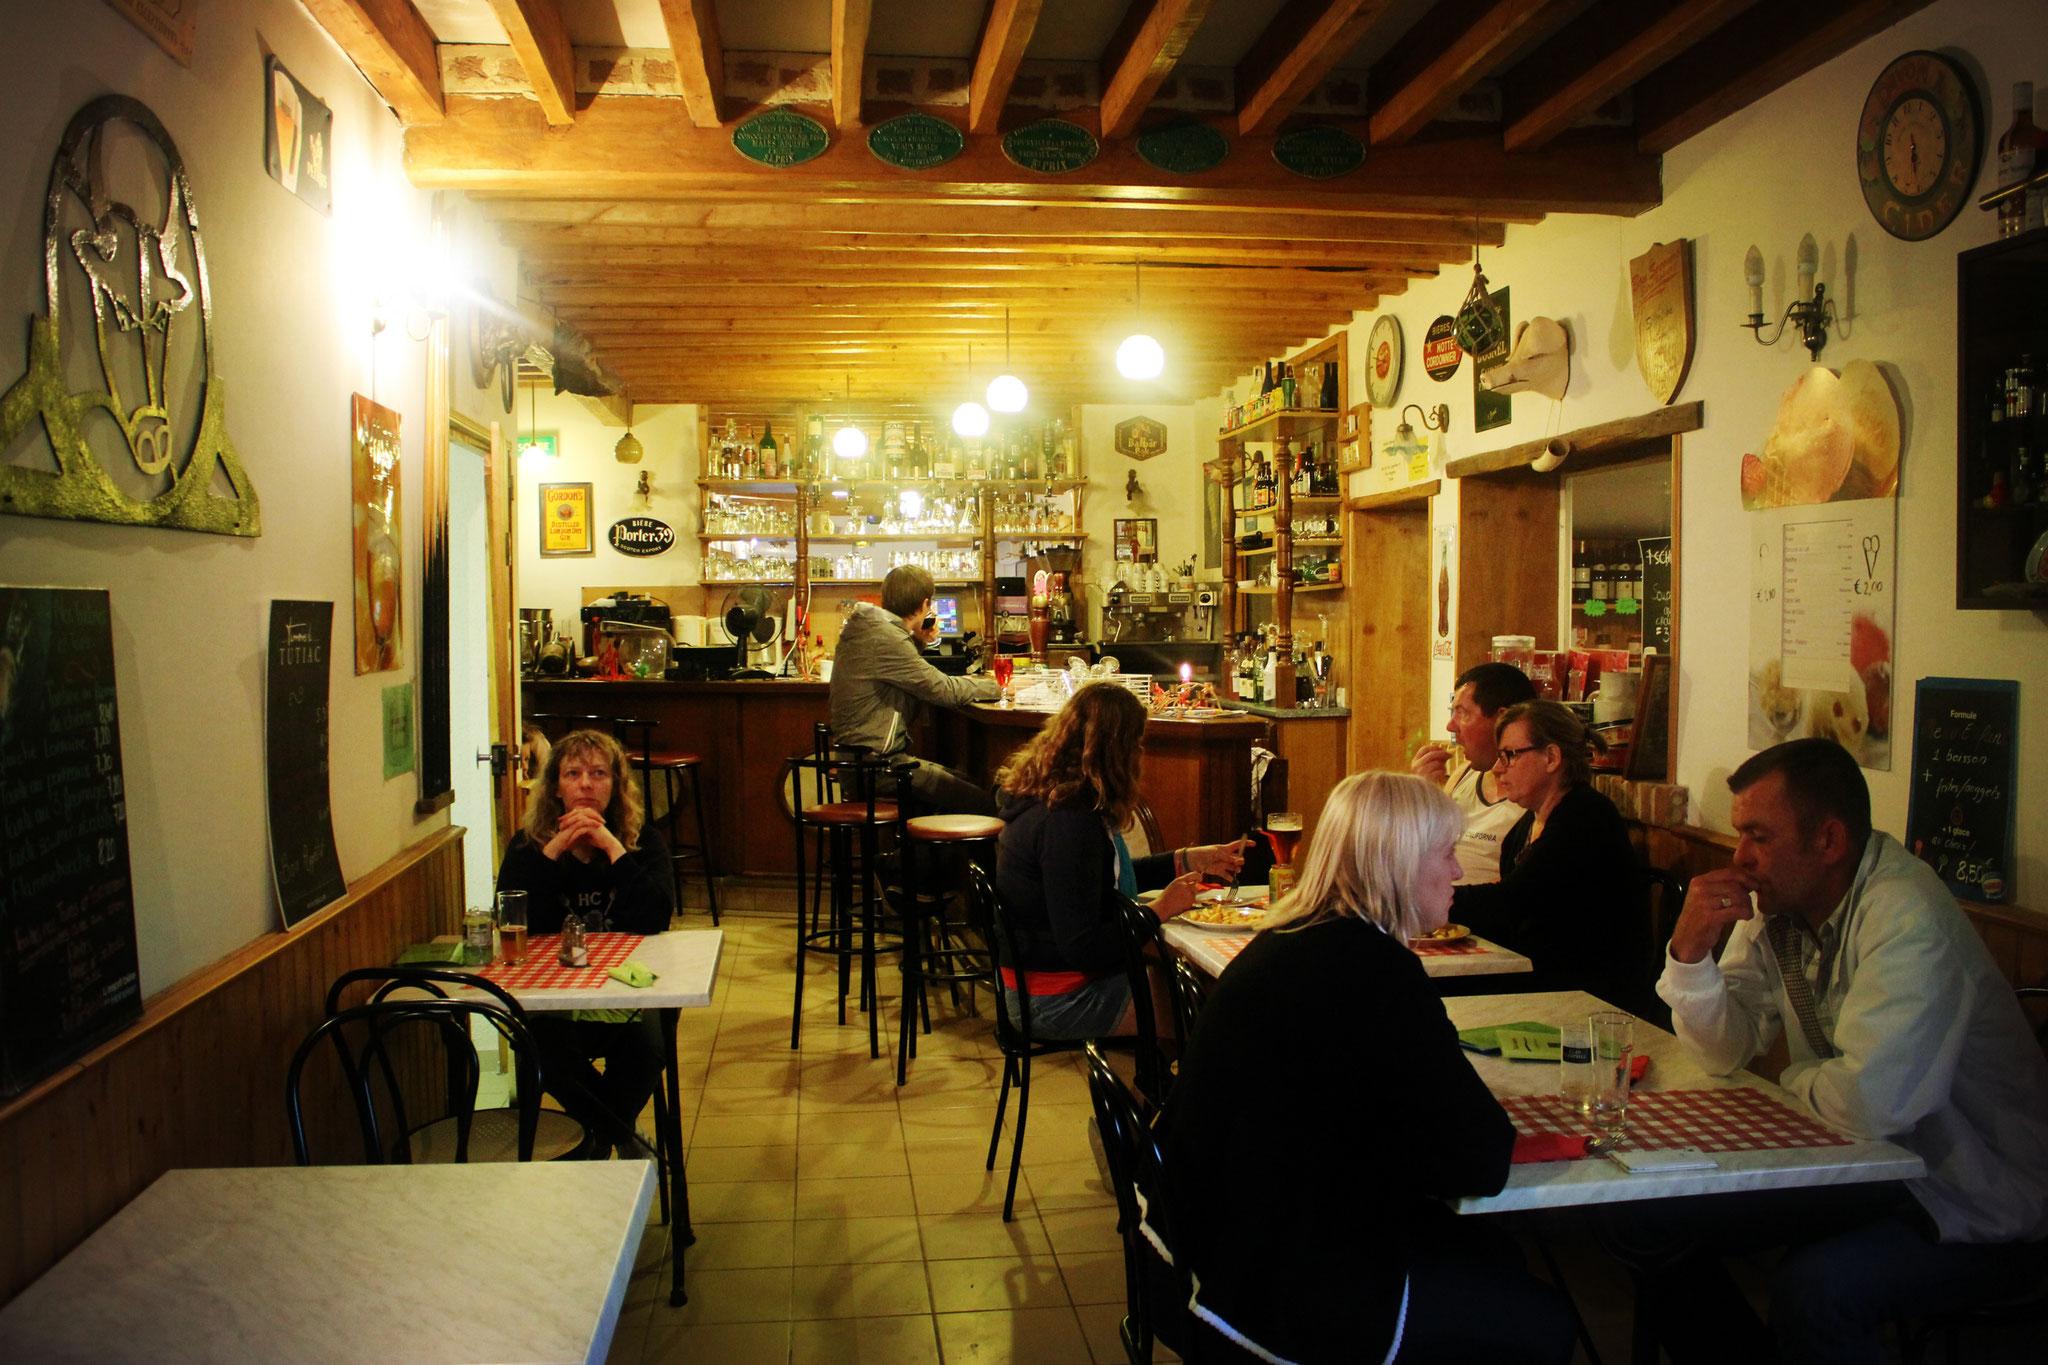 Réserver un séjour insolite avec bar et épicerie dans le camping en Baie de Somme